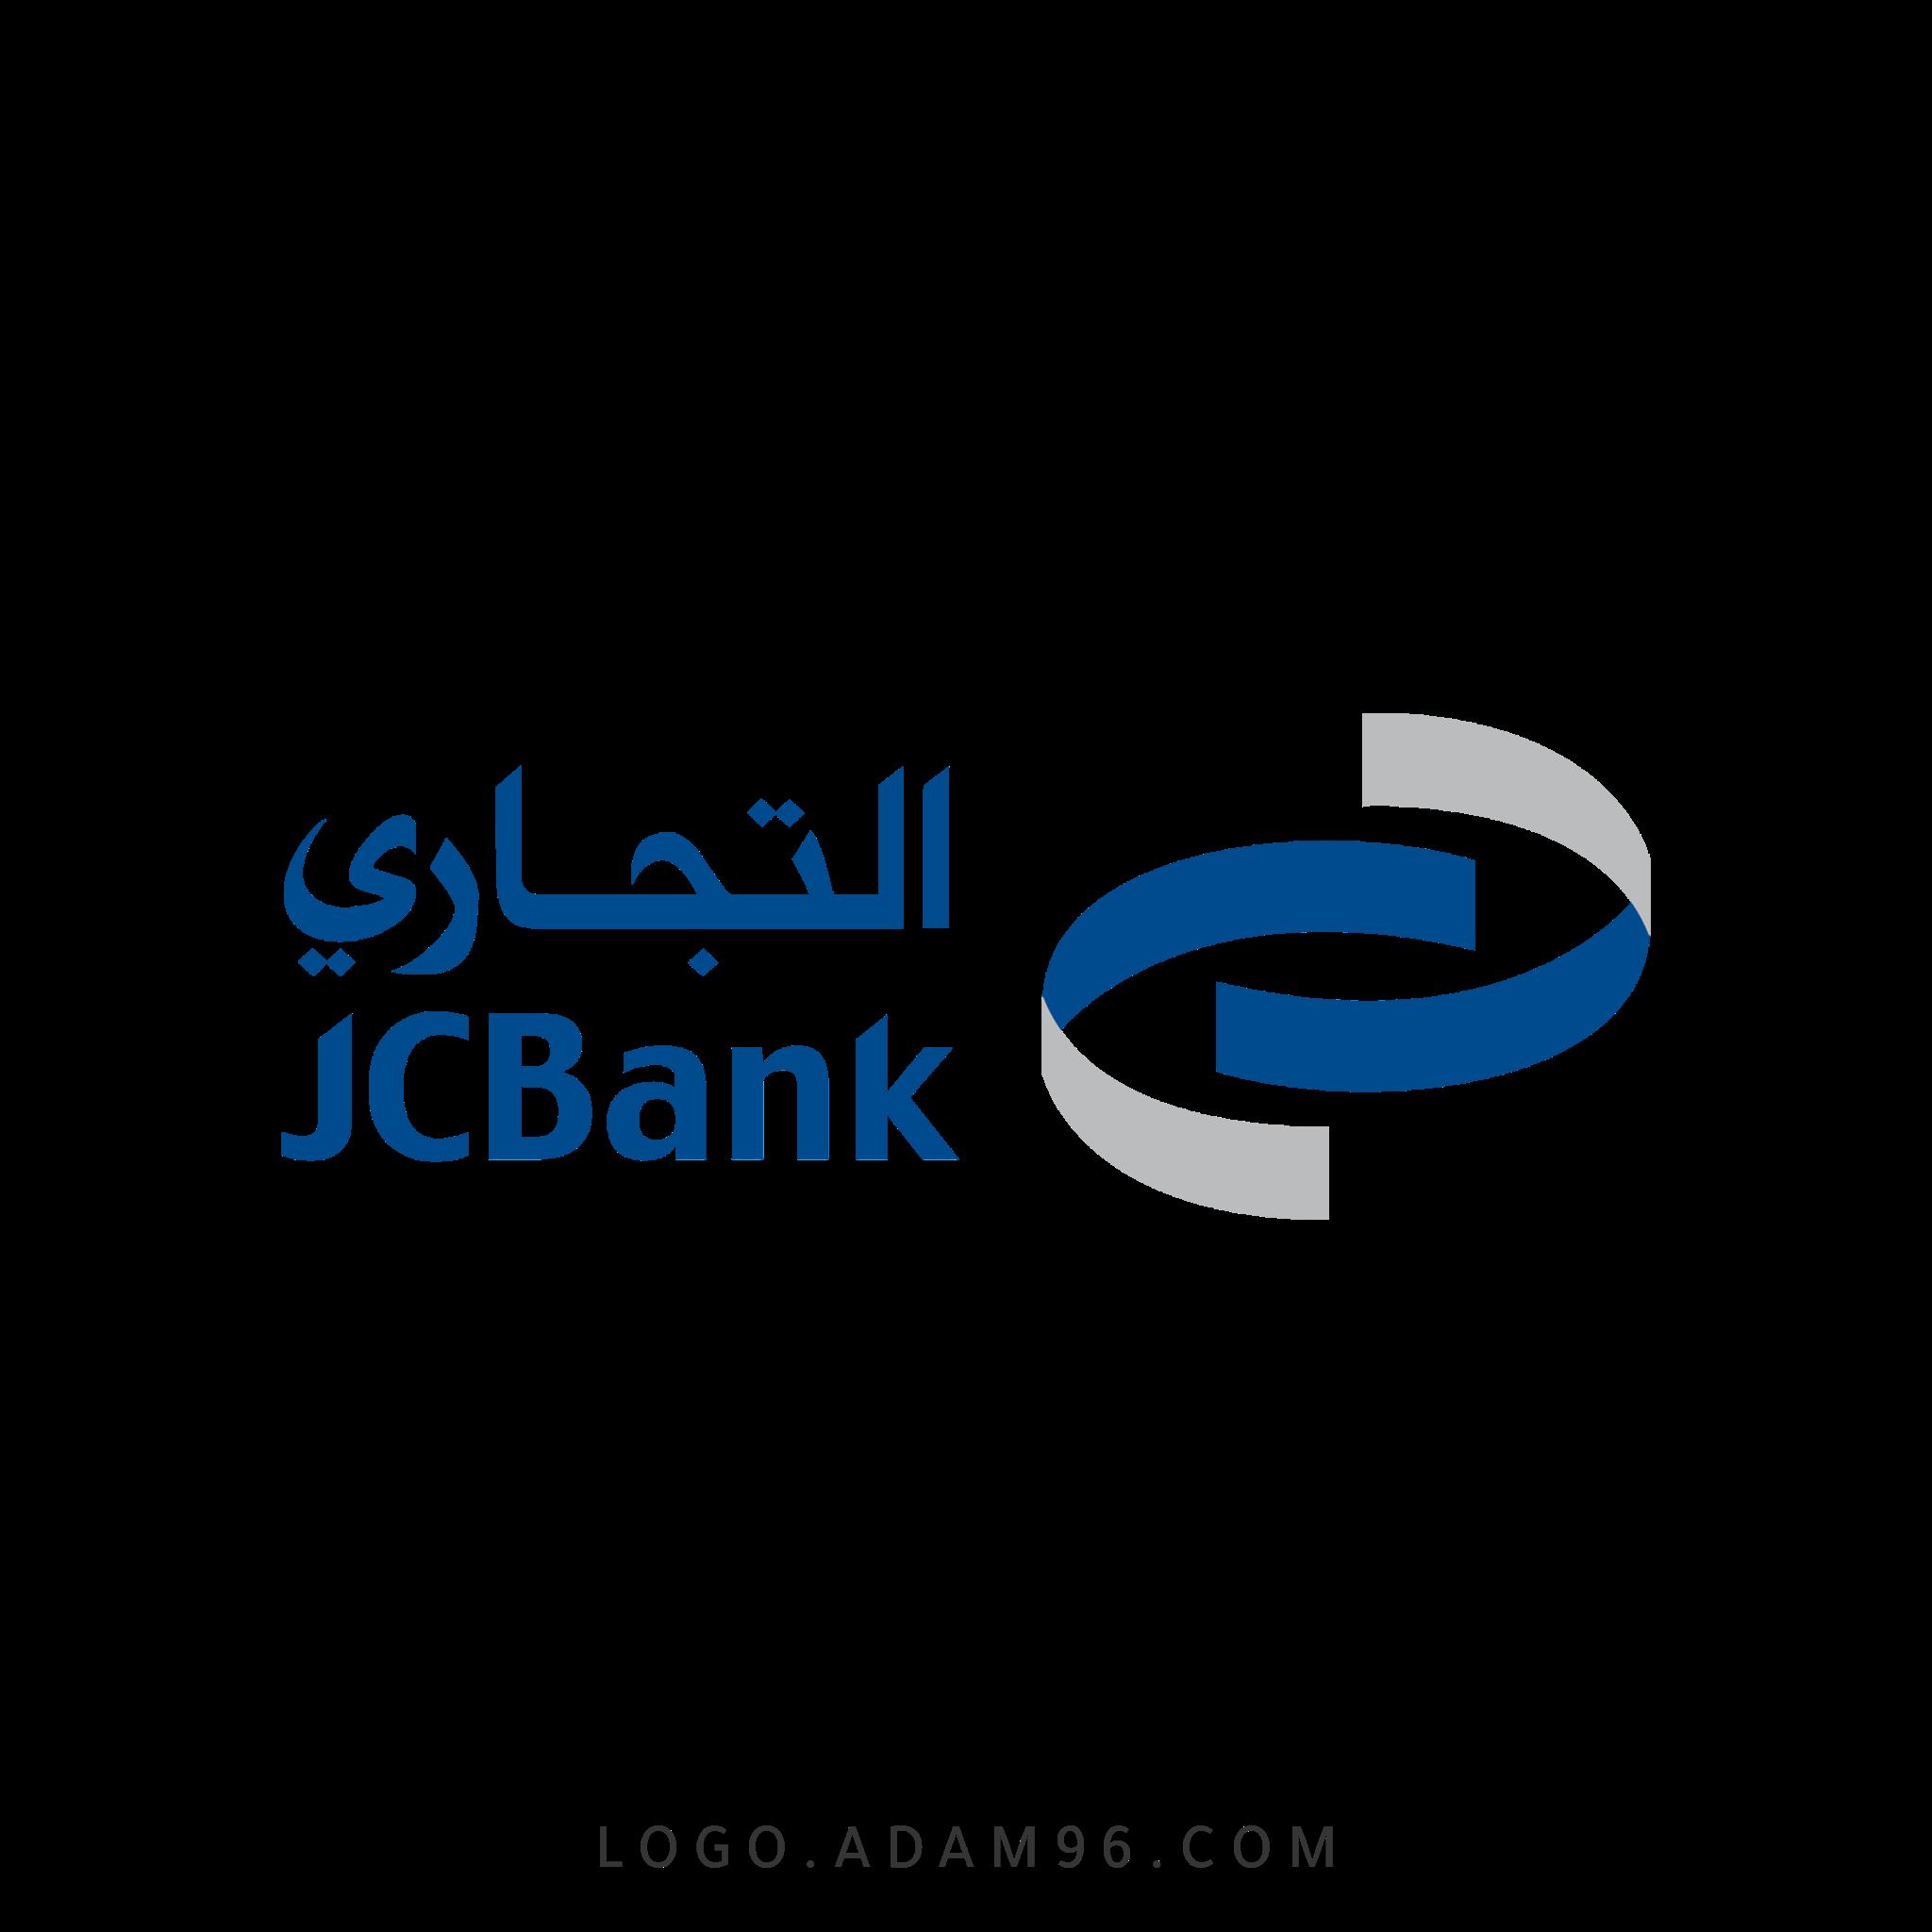 تحميل شعار بنك التجاري - فلسطين لوجو رسمي عالي الجودة PNG